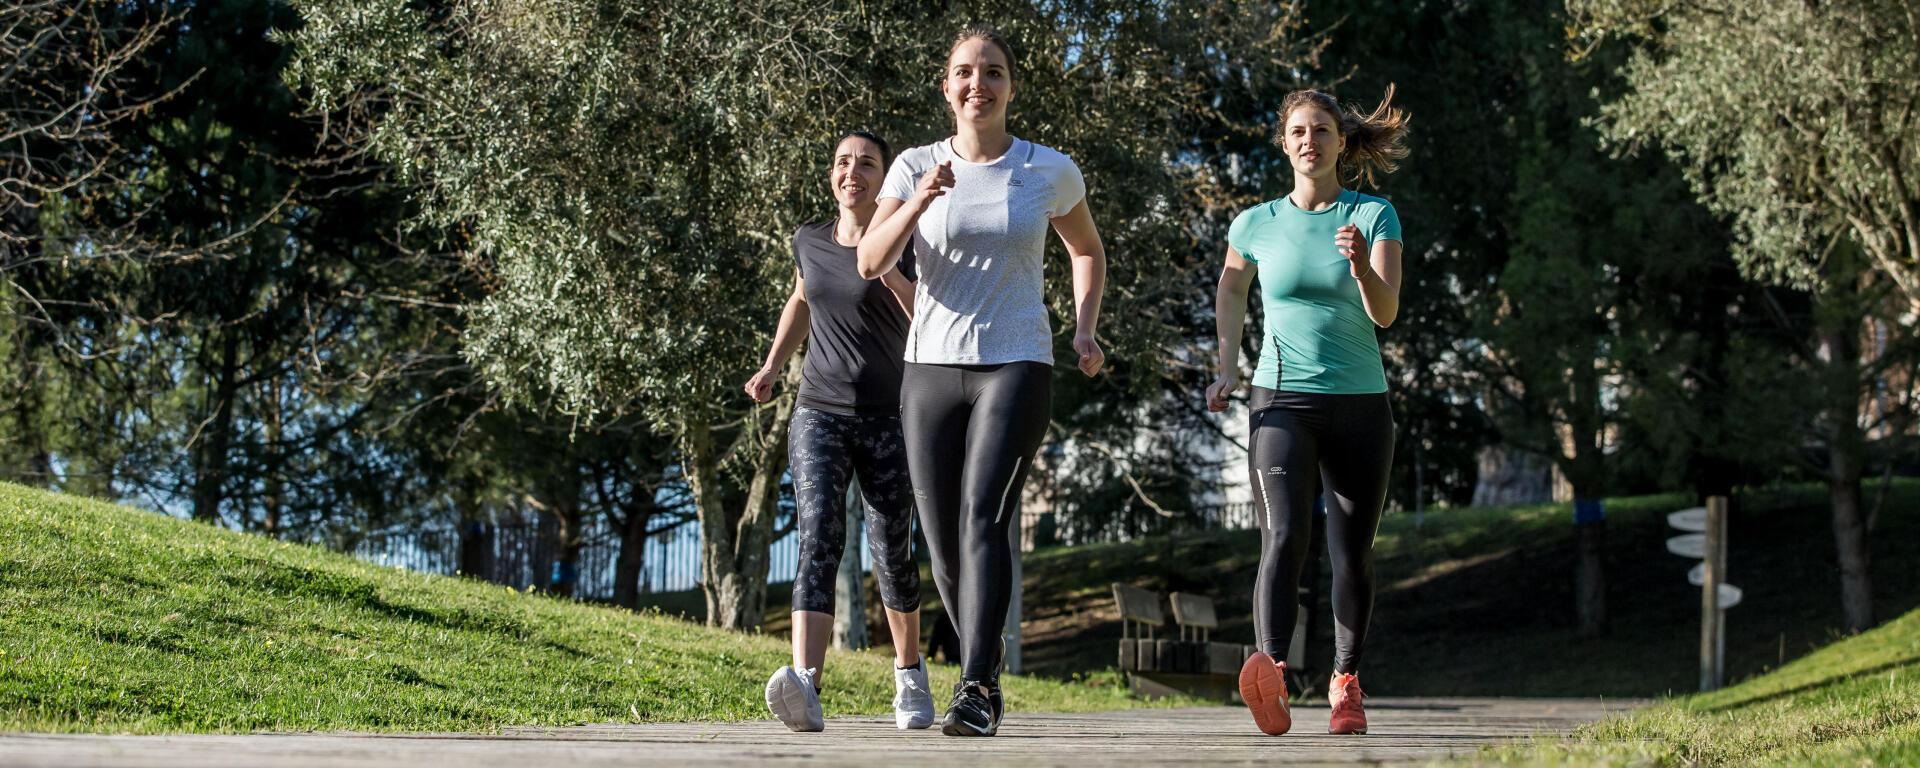 marche-sportive-meilleur-regime